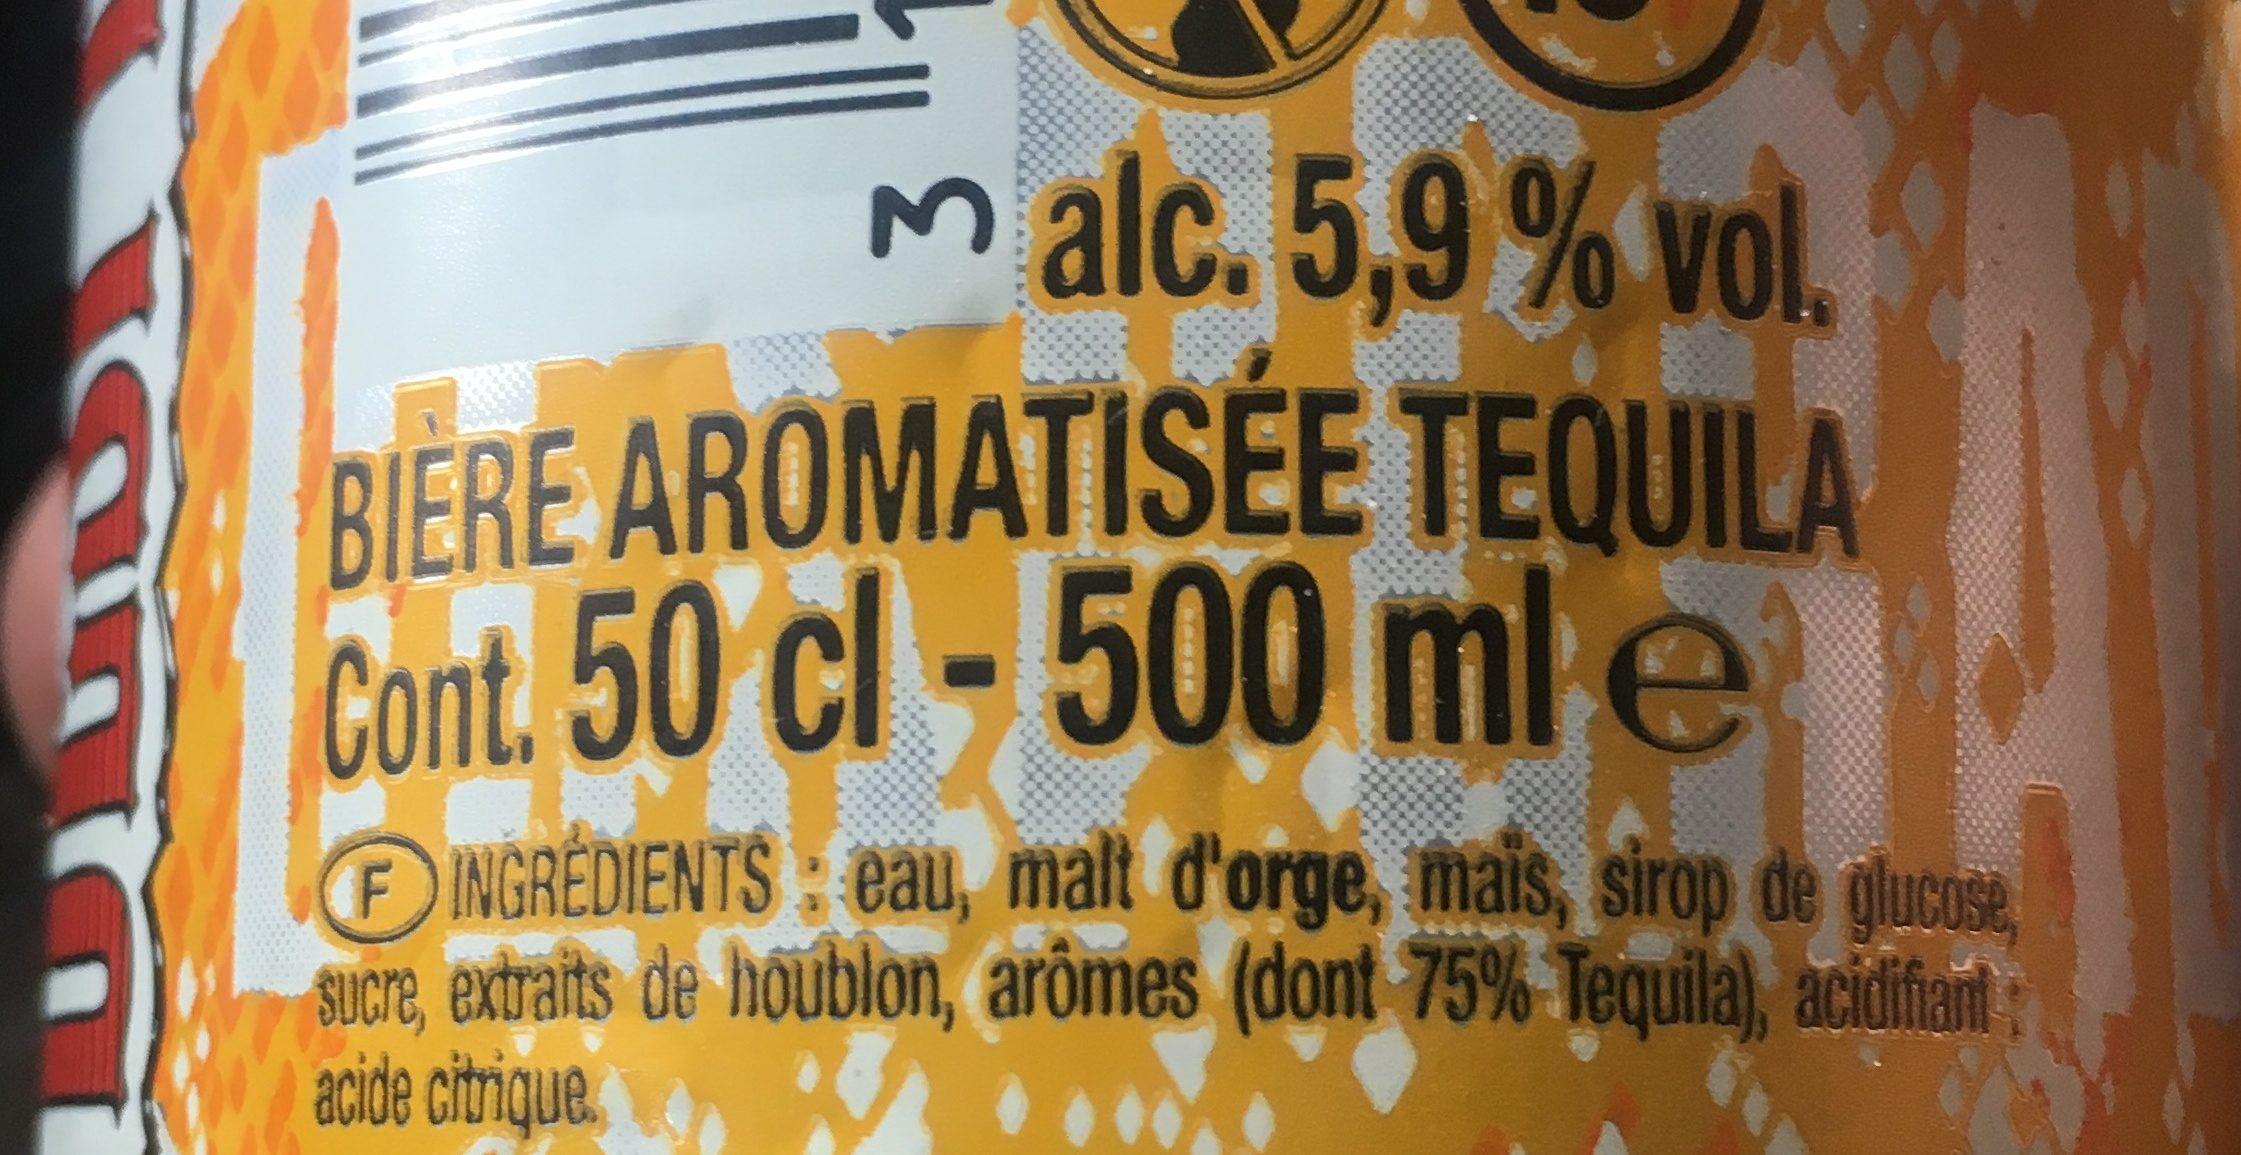 Bière aromatisée Tequila - Ingrediënten - fr